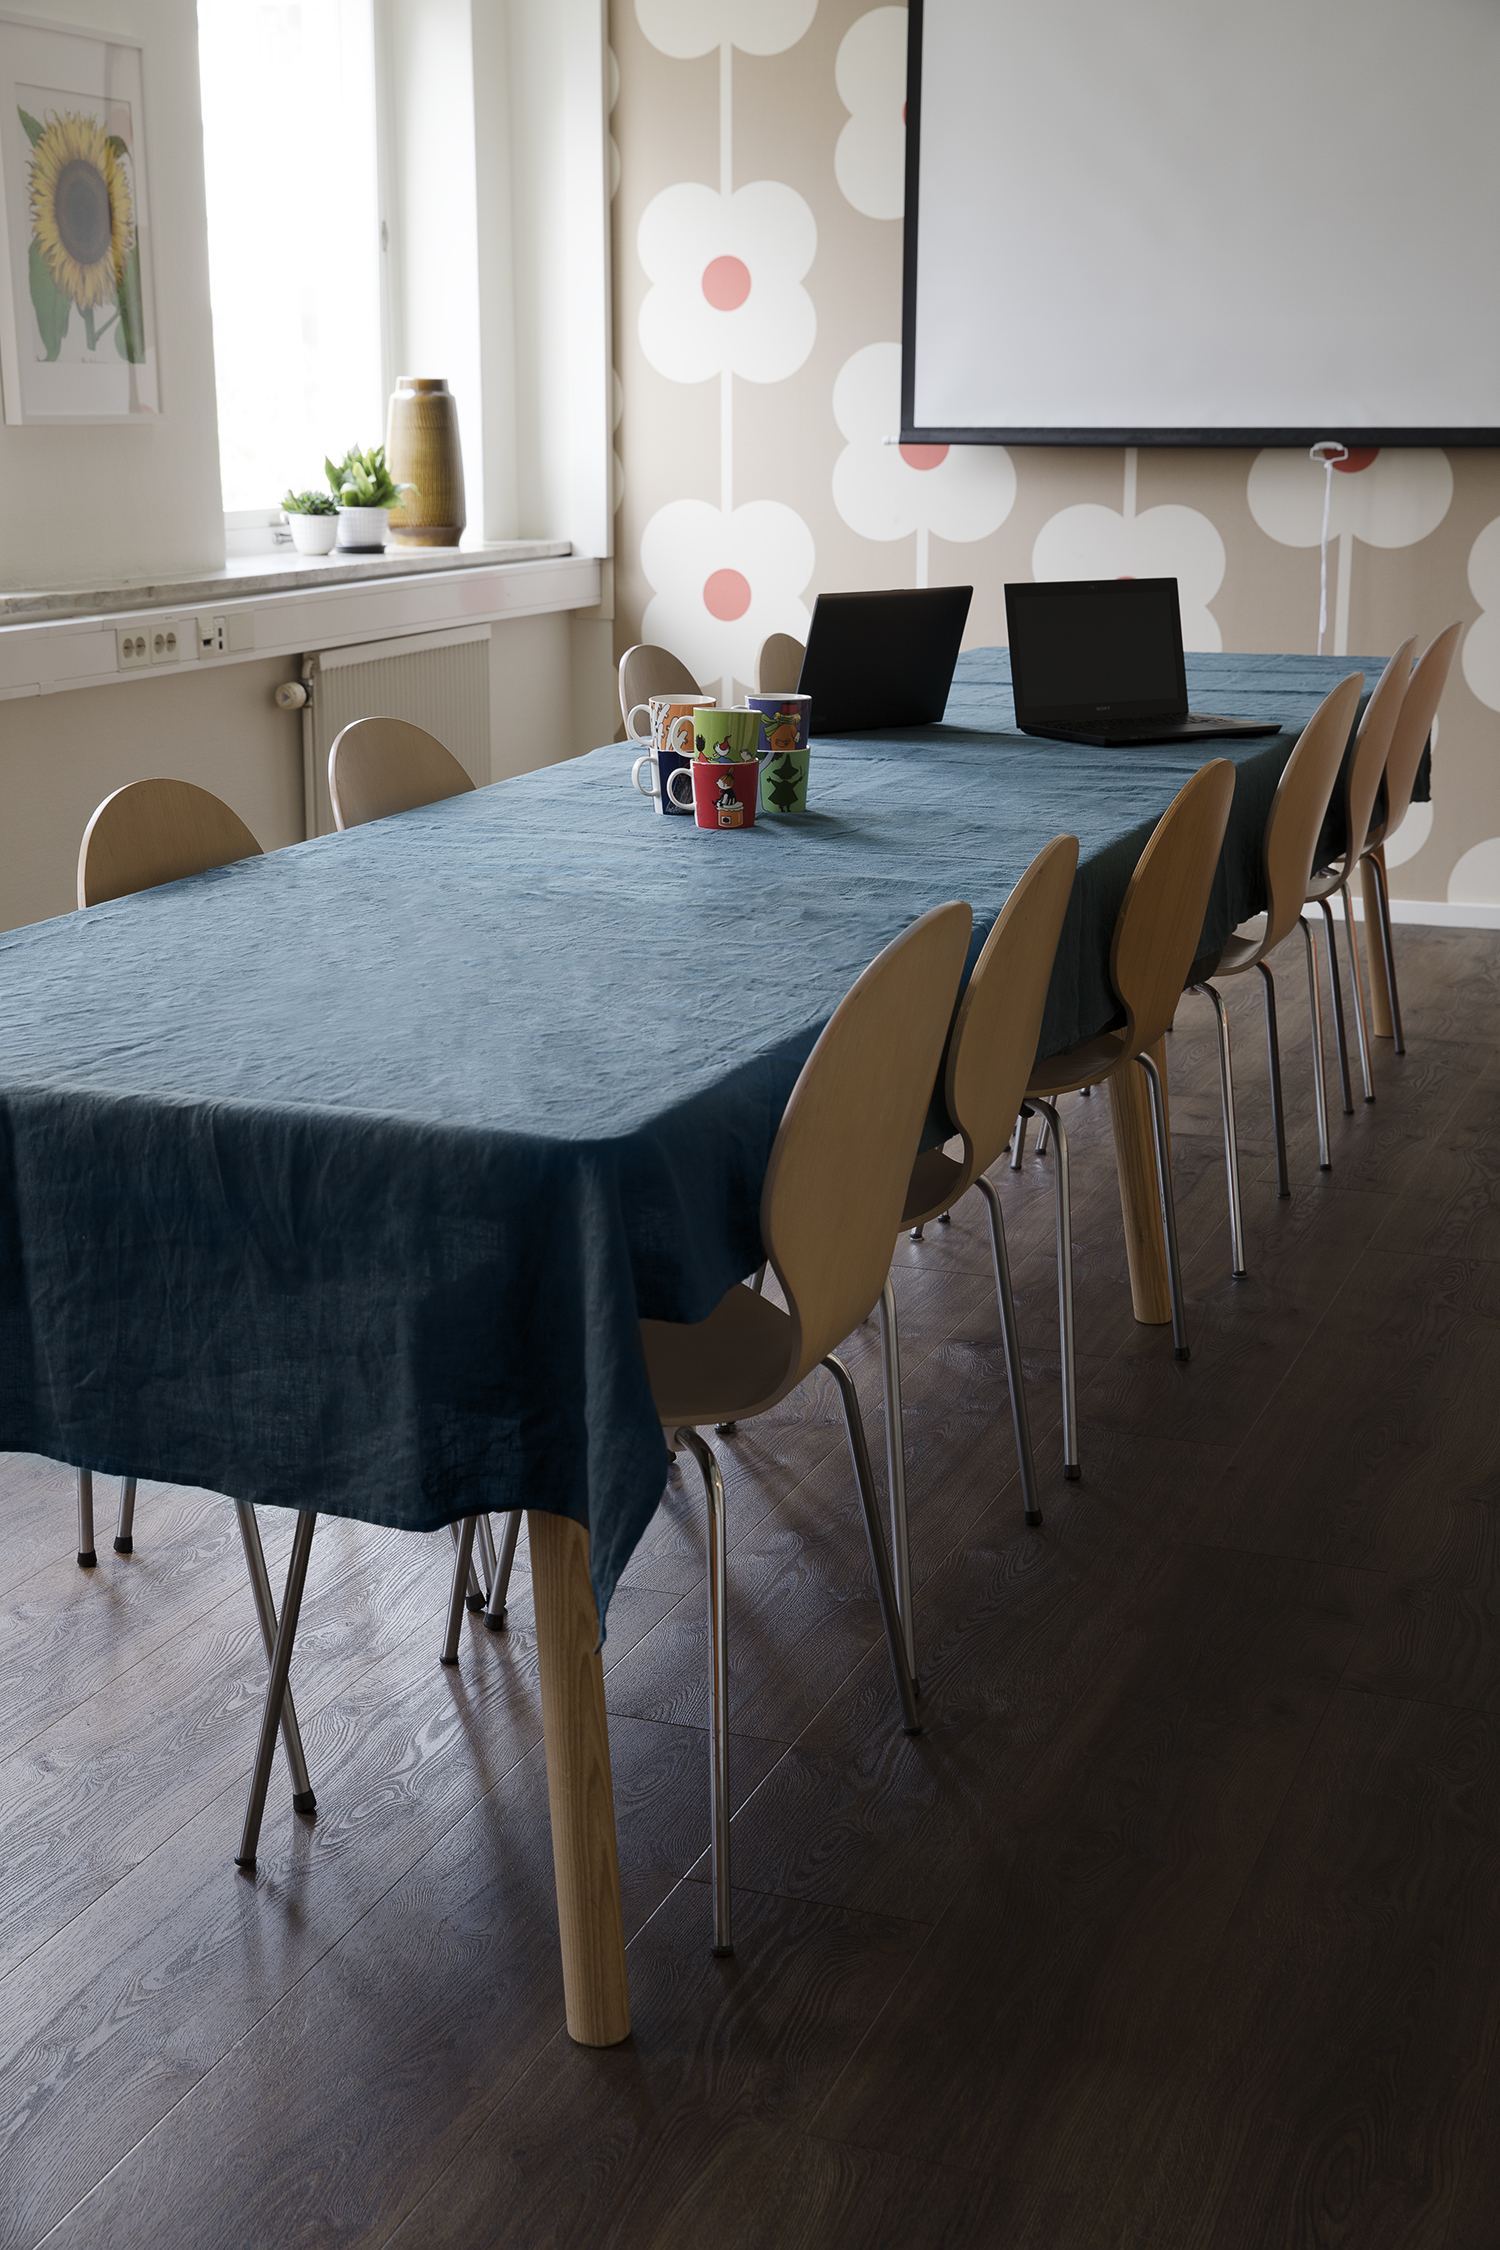 systerbolaget_konferensrum.jpg